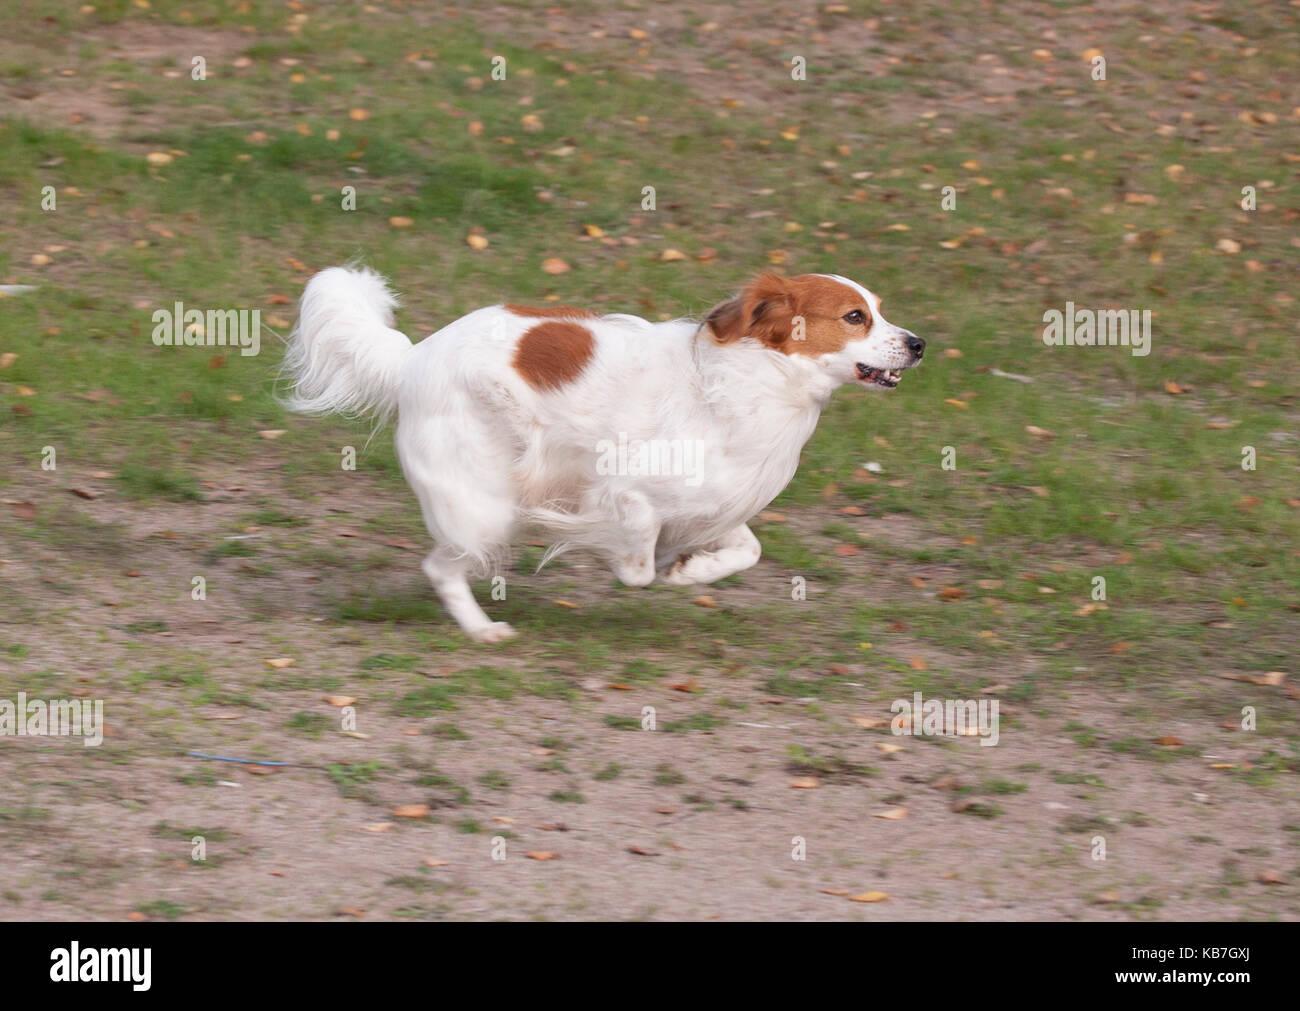 Le kooikerhondje 2017 épagneul est un type de chien d'ascendance néerlandaise Photo Stock